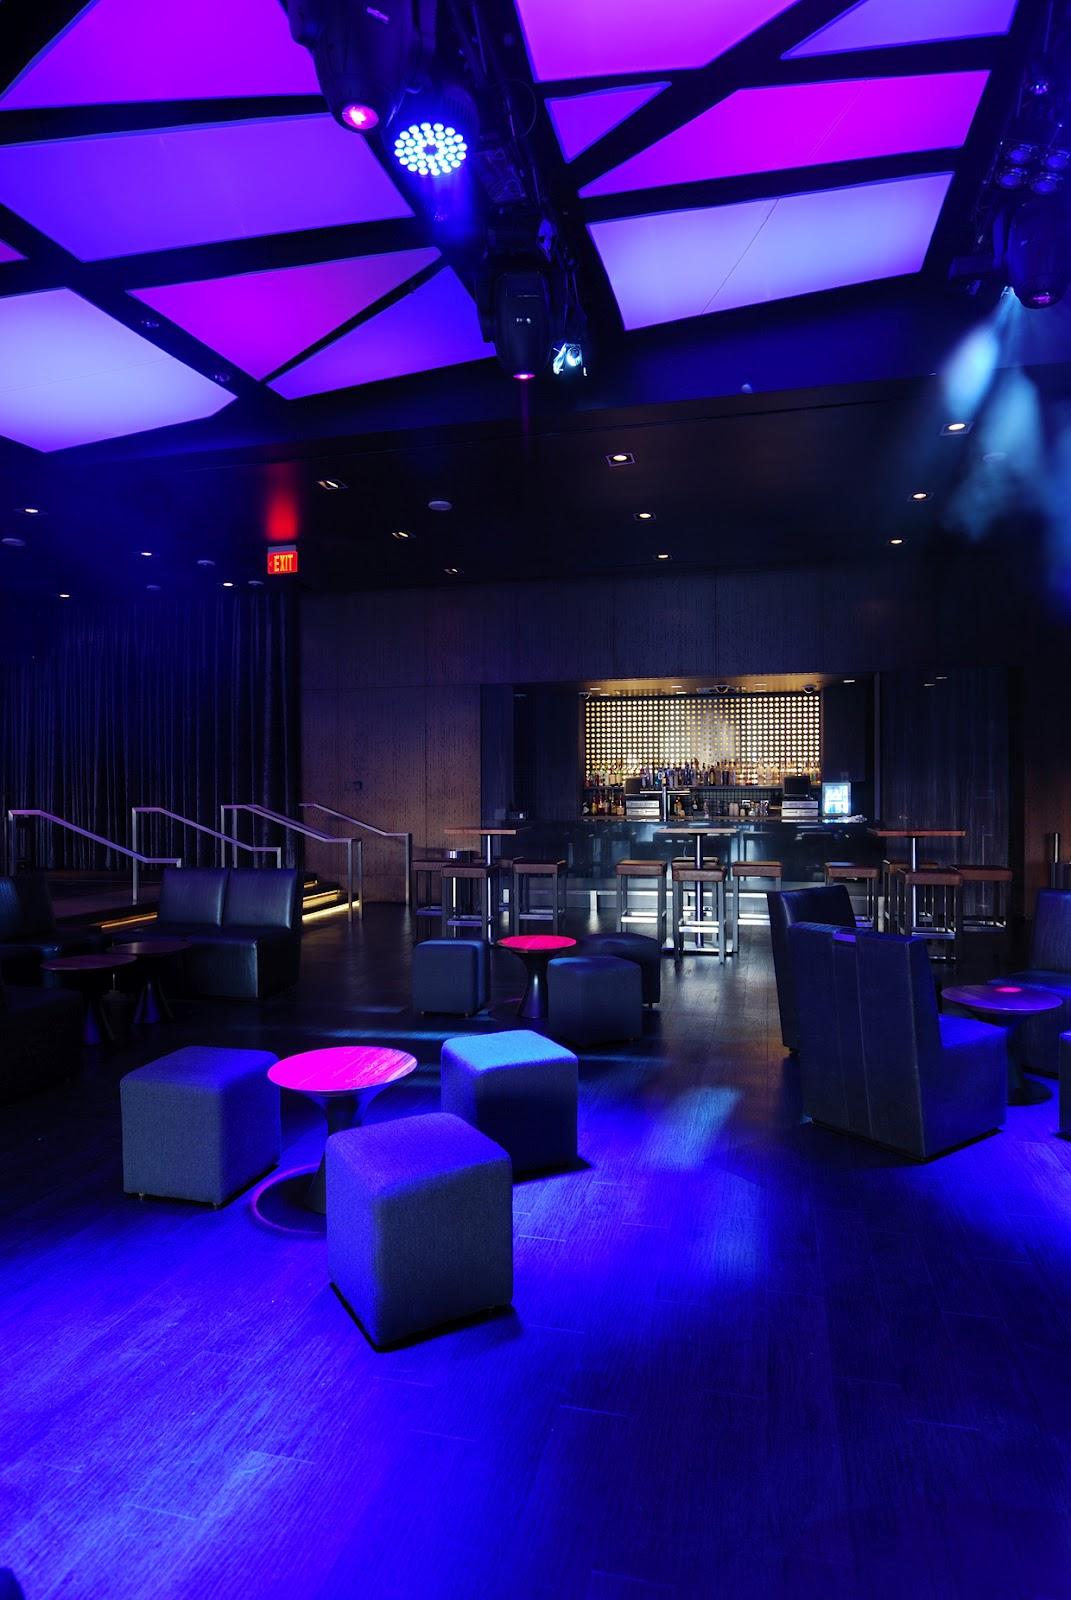 Imagine These Nightclub Interior Design Cube Dmac